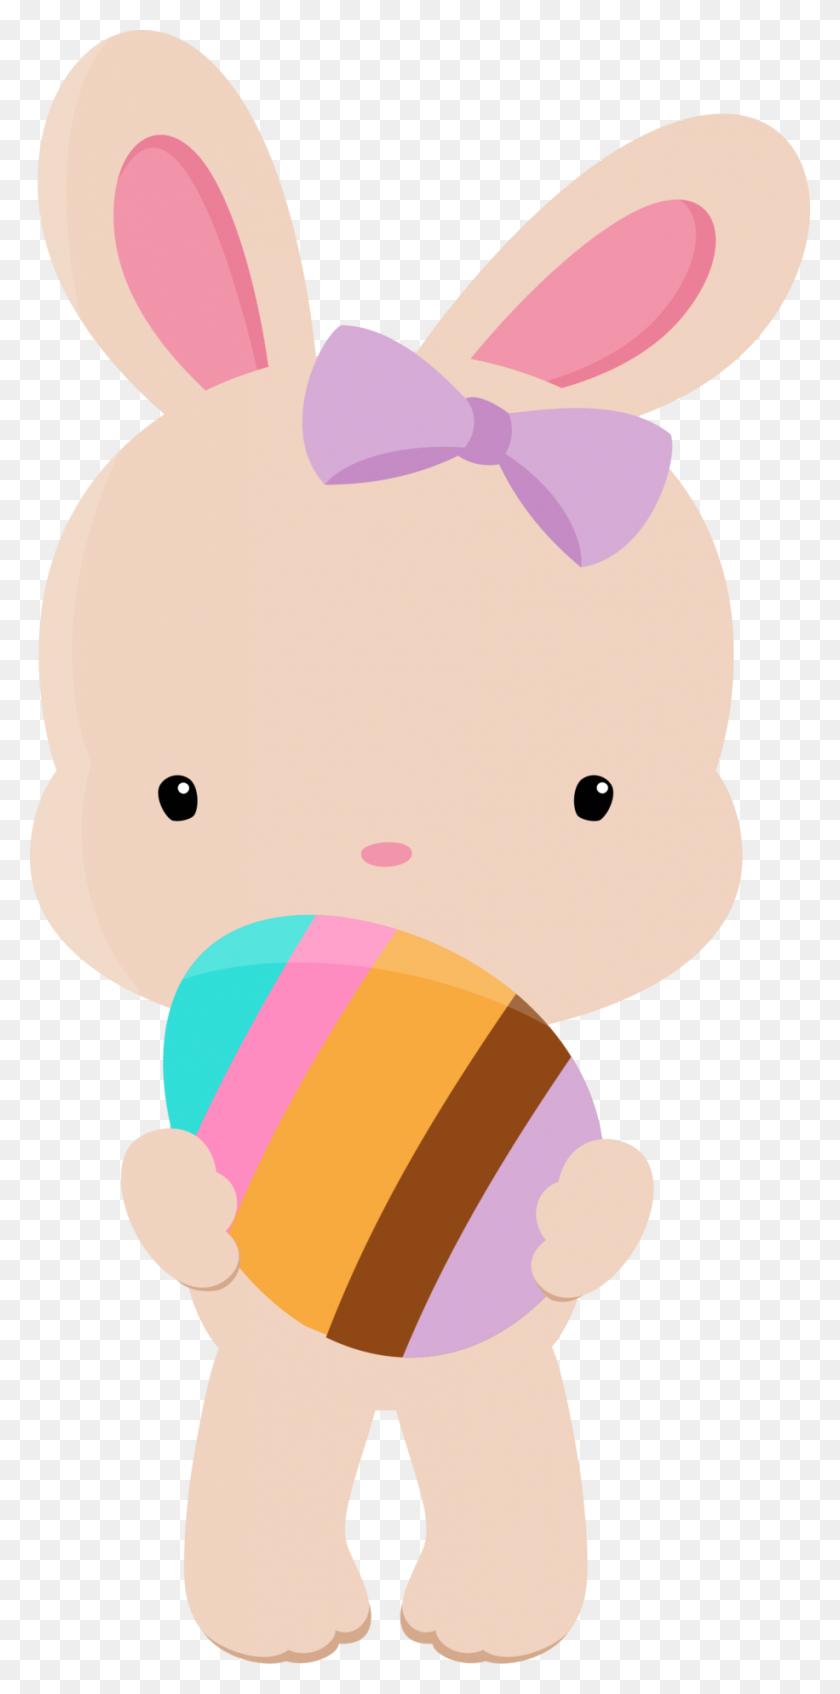 Tubes, Clipart De Easter Easter, Easter - Easter Bunny Ears Clipart